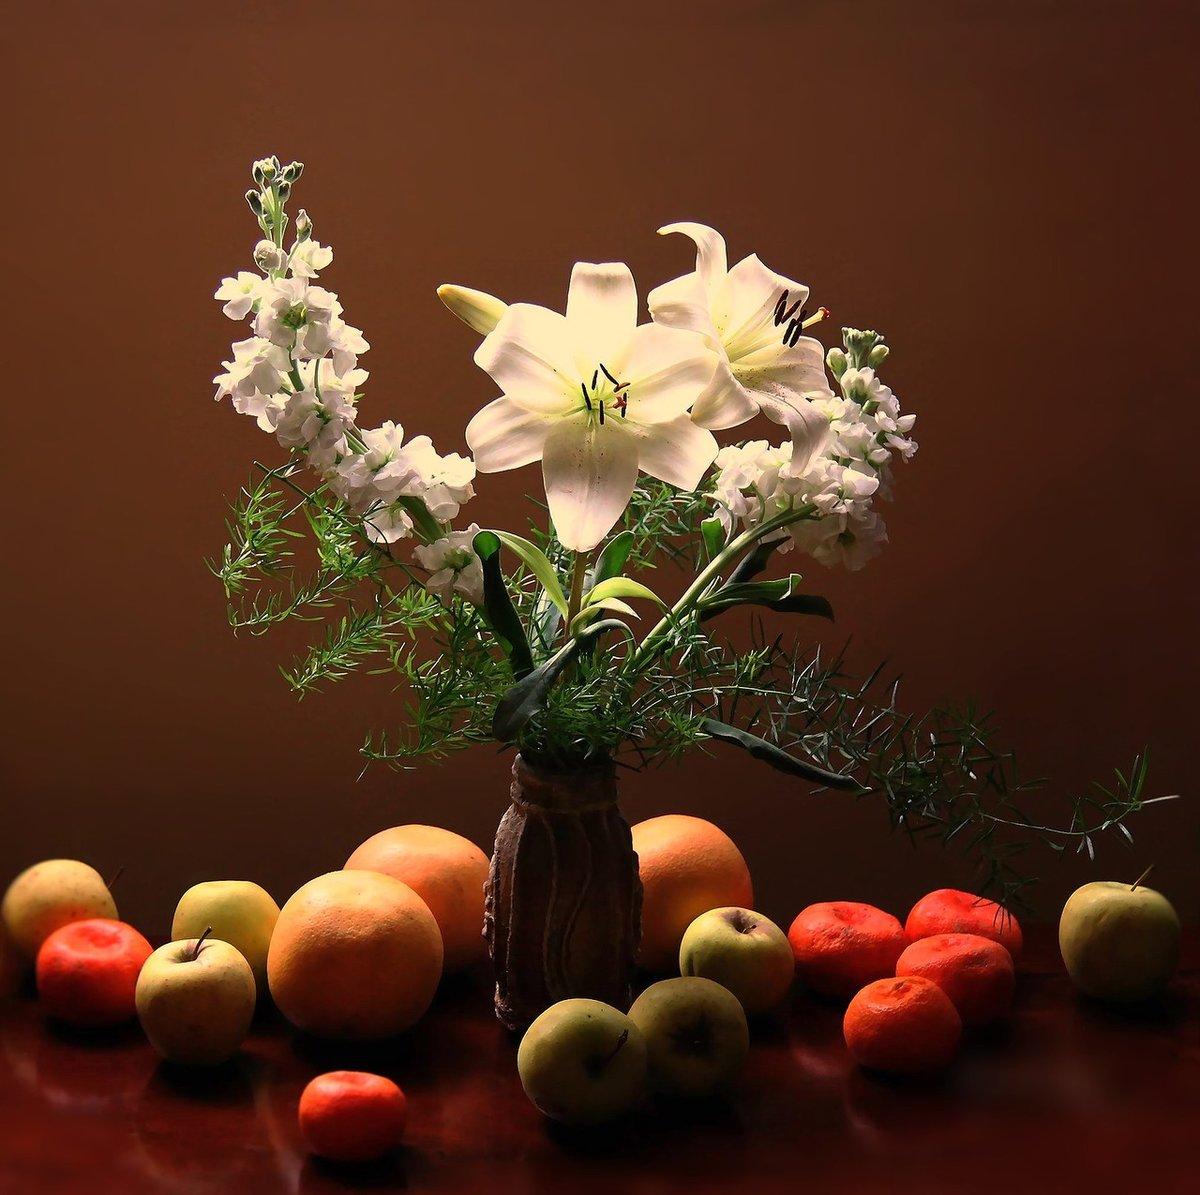 натюрморт фото фрукты цветы интерьере магазина должны